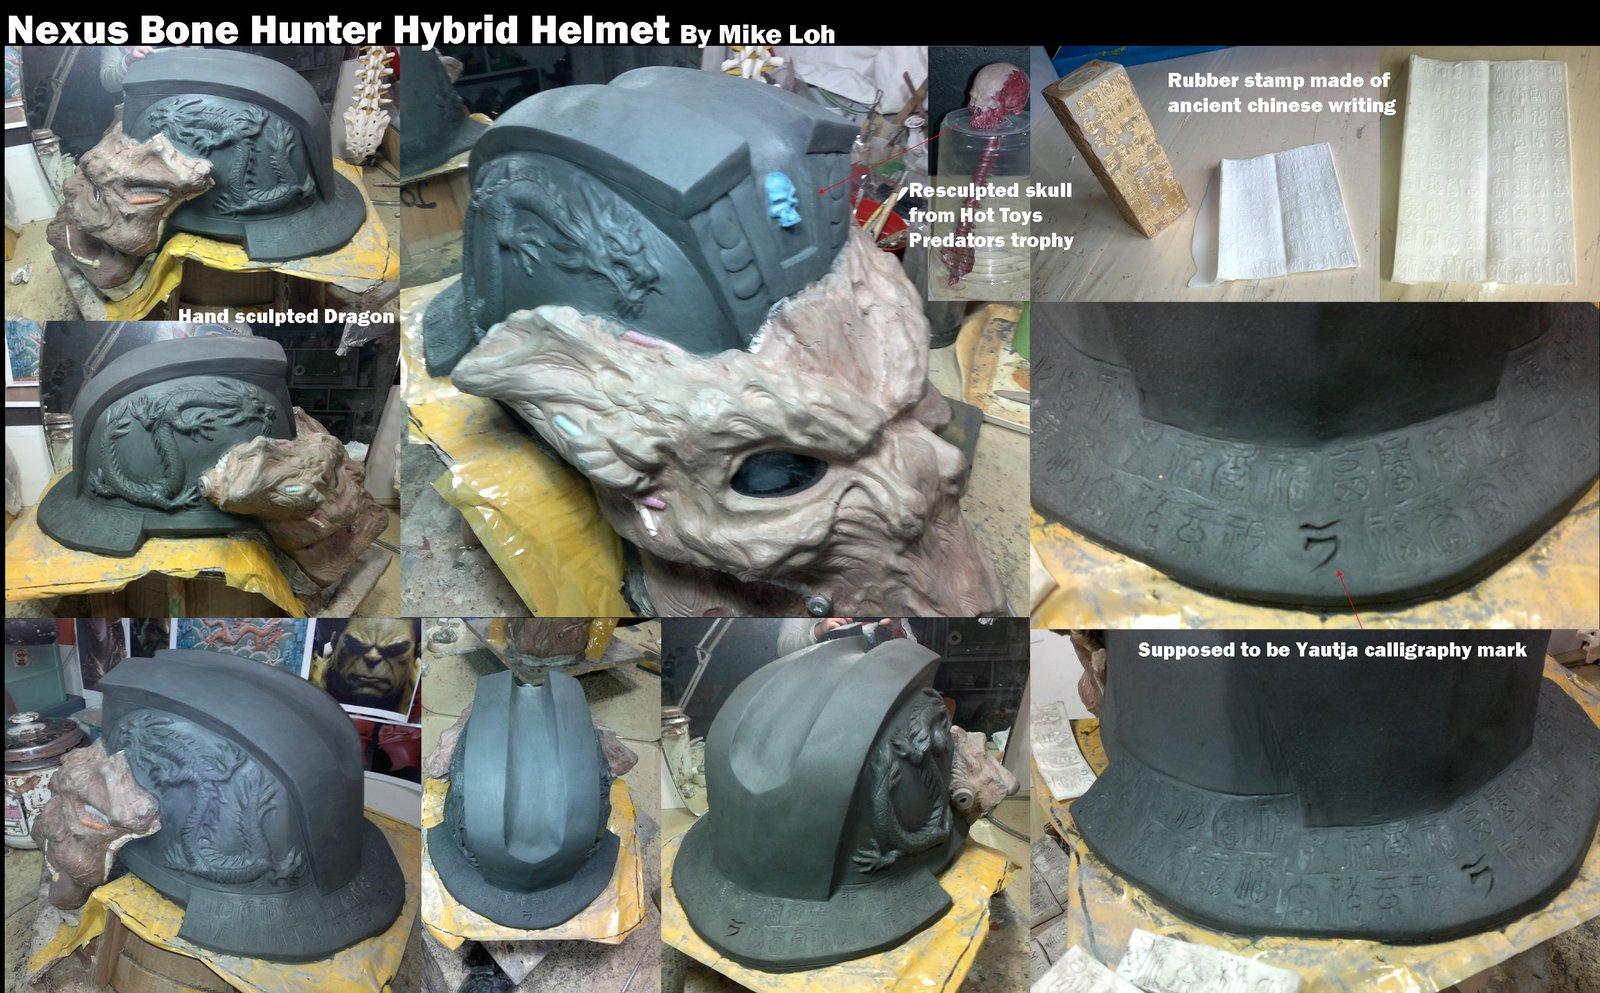 nexus_hybrid_bone_hunter_helmet_wip_by_michaelloh-d4qd3bj.jpg